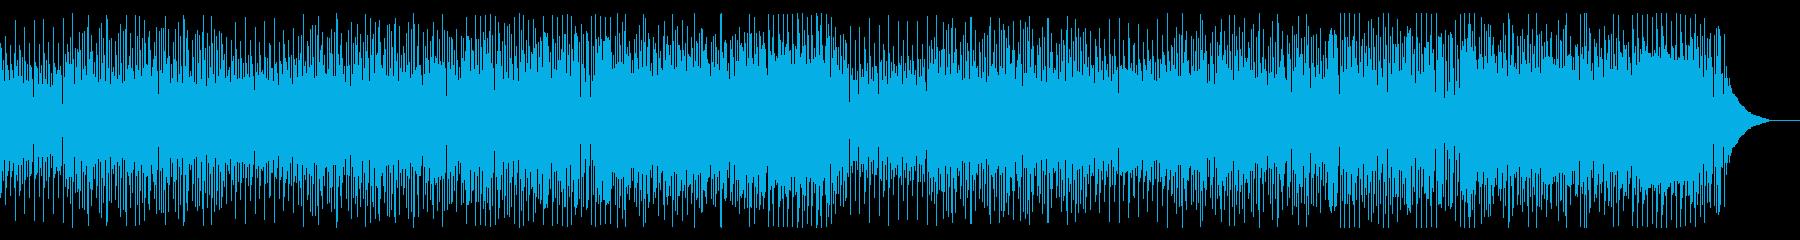 いたずらおばけ、コミカルなハロウィン曲の再生済みの波形